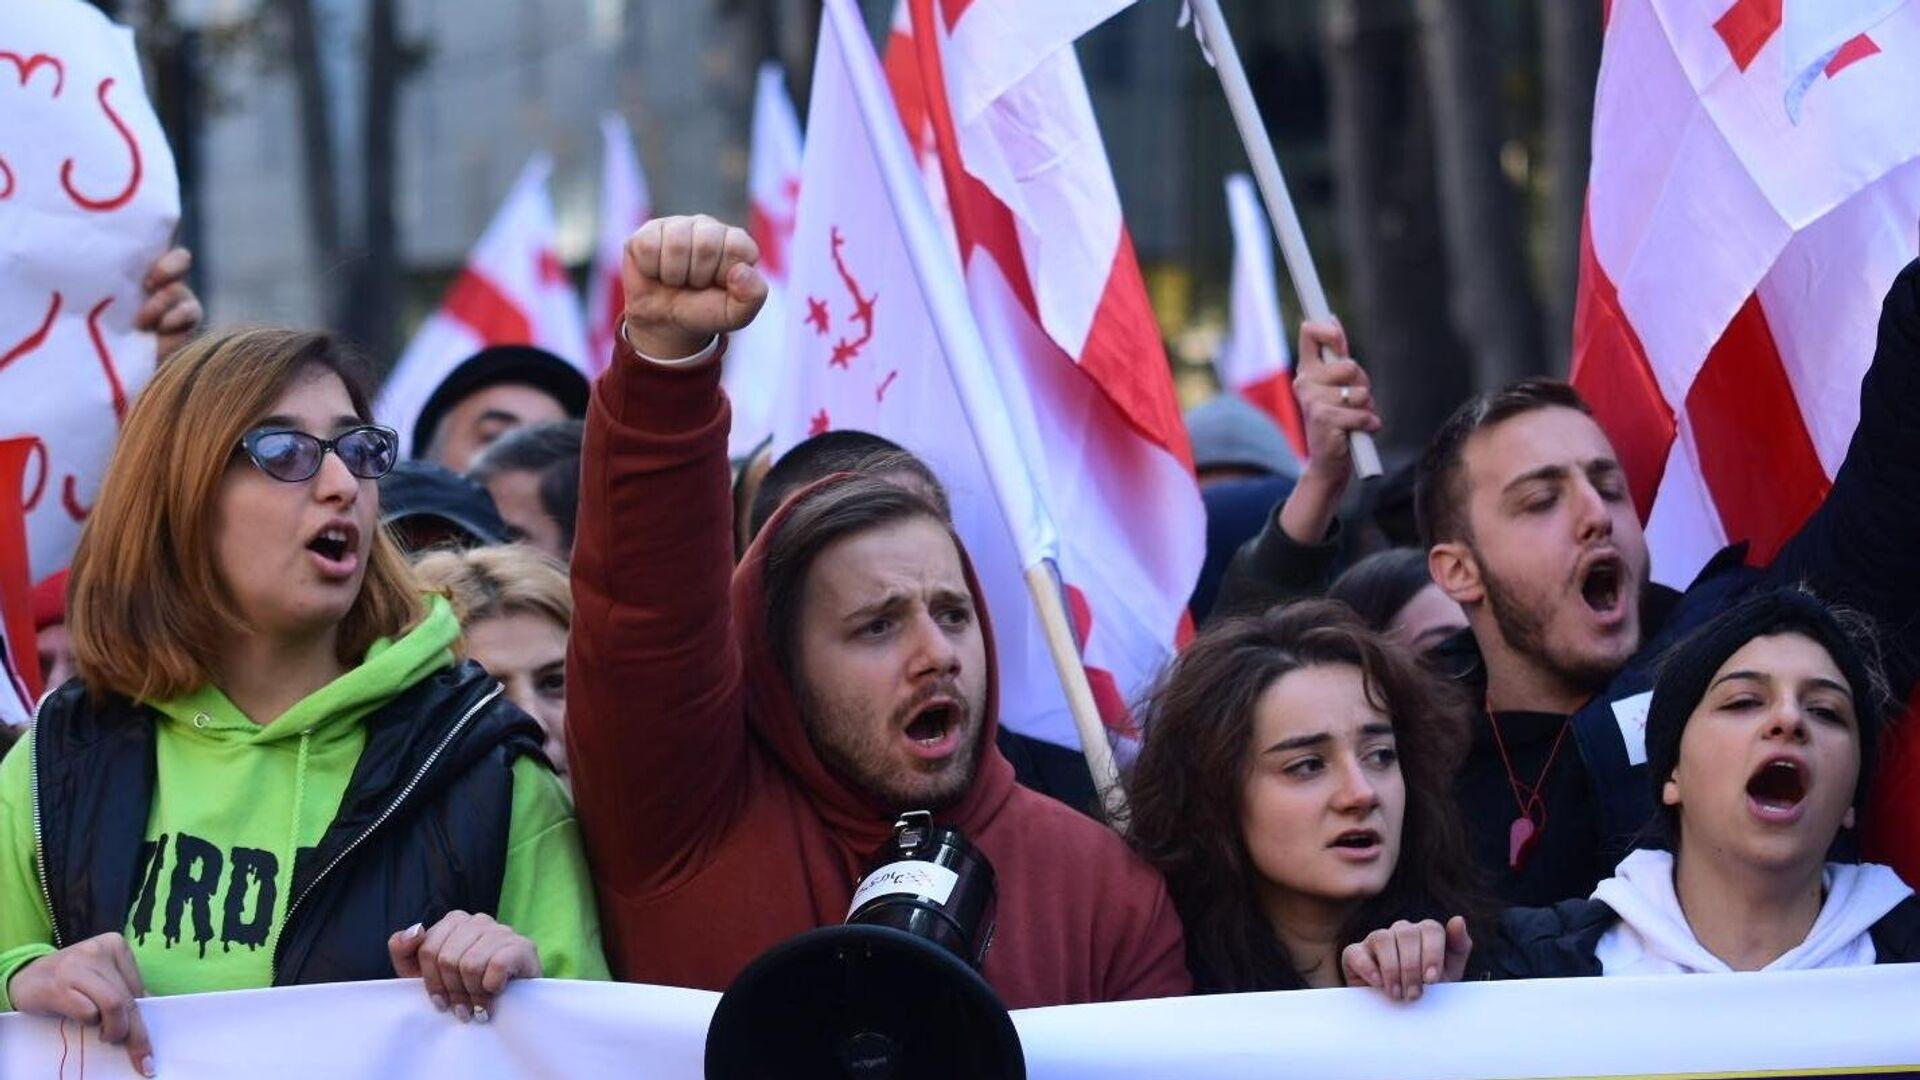 Участники акции протеста в Тбилиси против правящих властей. 17 ноября 2019 - РИА Новости, 1920, 31.07.2021